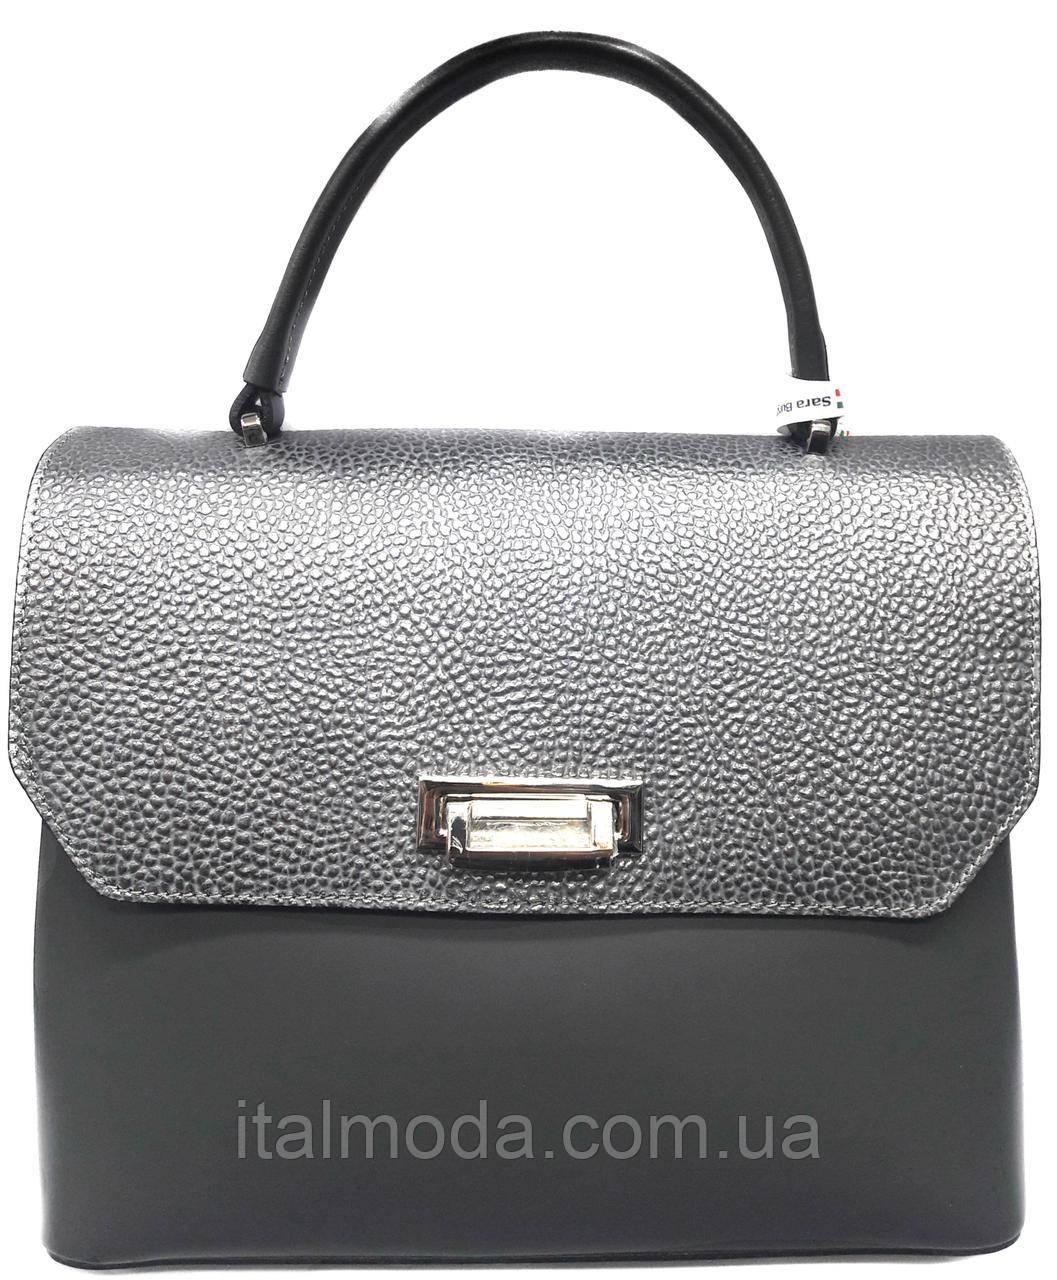 796de756699c Женская кожаная сумка Sara Burglar 540: продажа, цена в Киеве ...